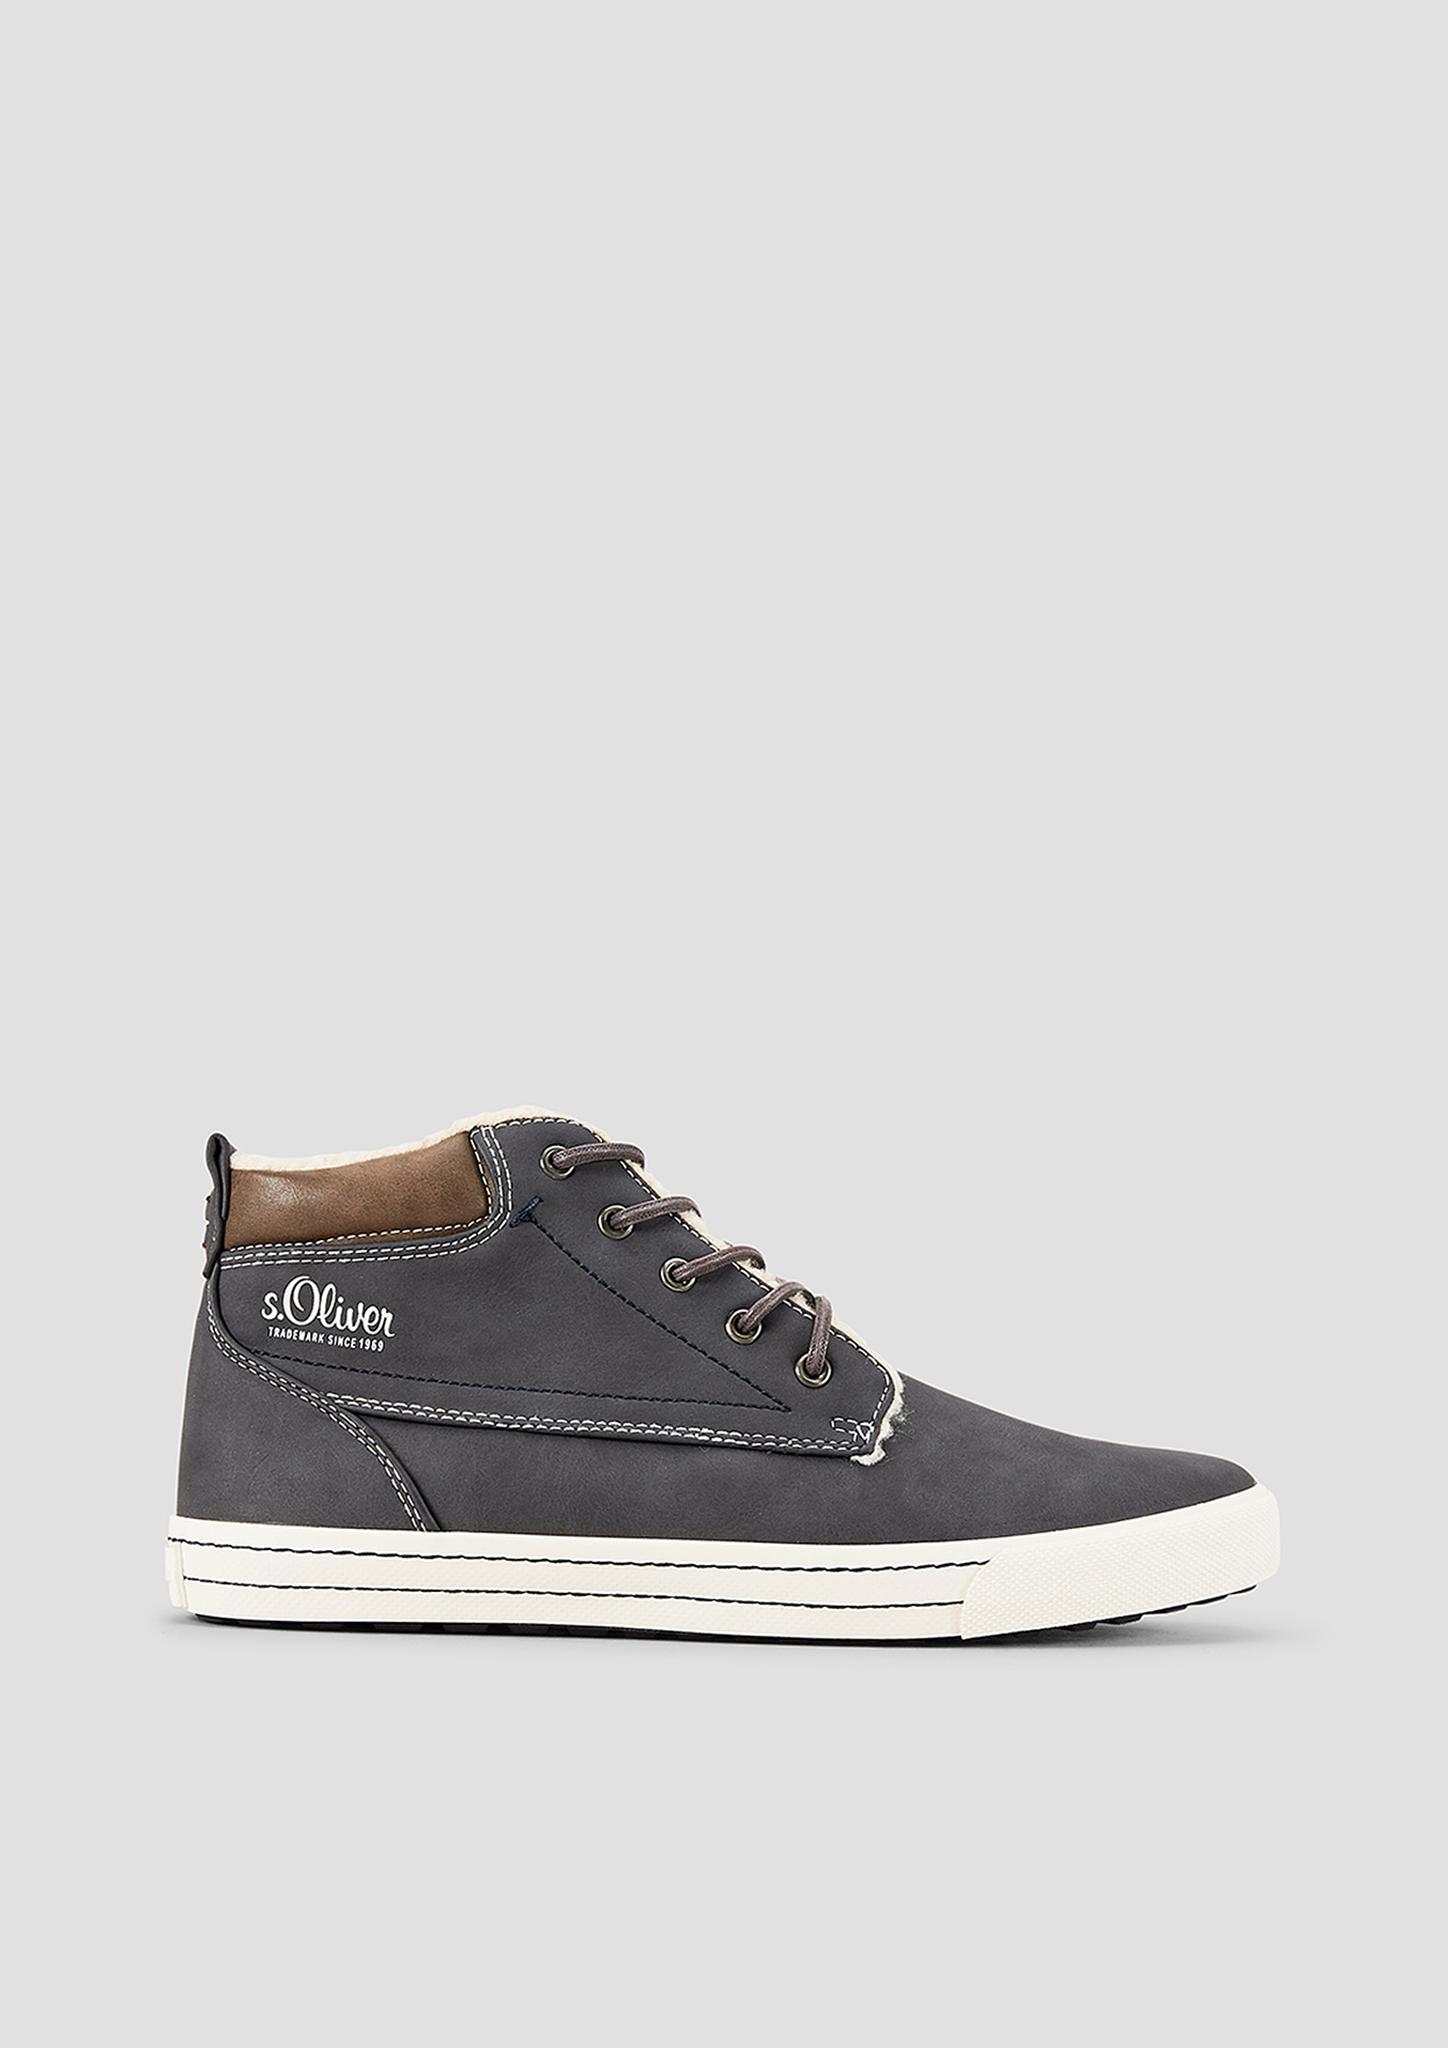 Stiefel | Schuhe | Blau | Obermaterial aus synthetik| futter und decksohle aus textil| laufsohle aus synthetik | s.Oliver